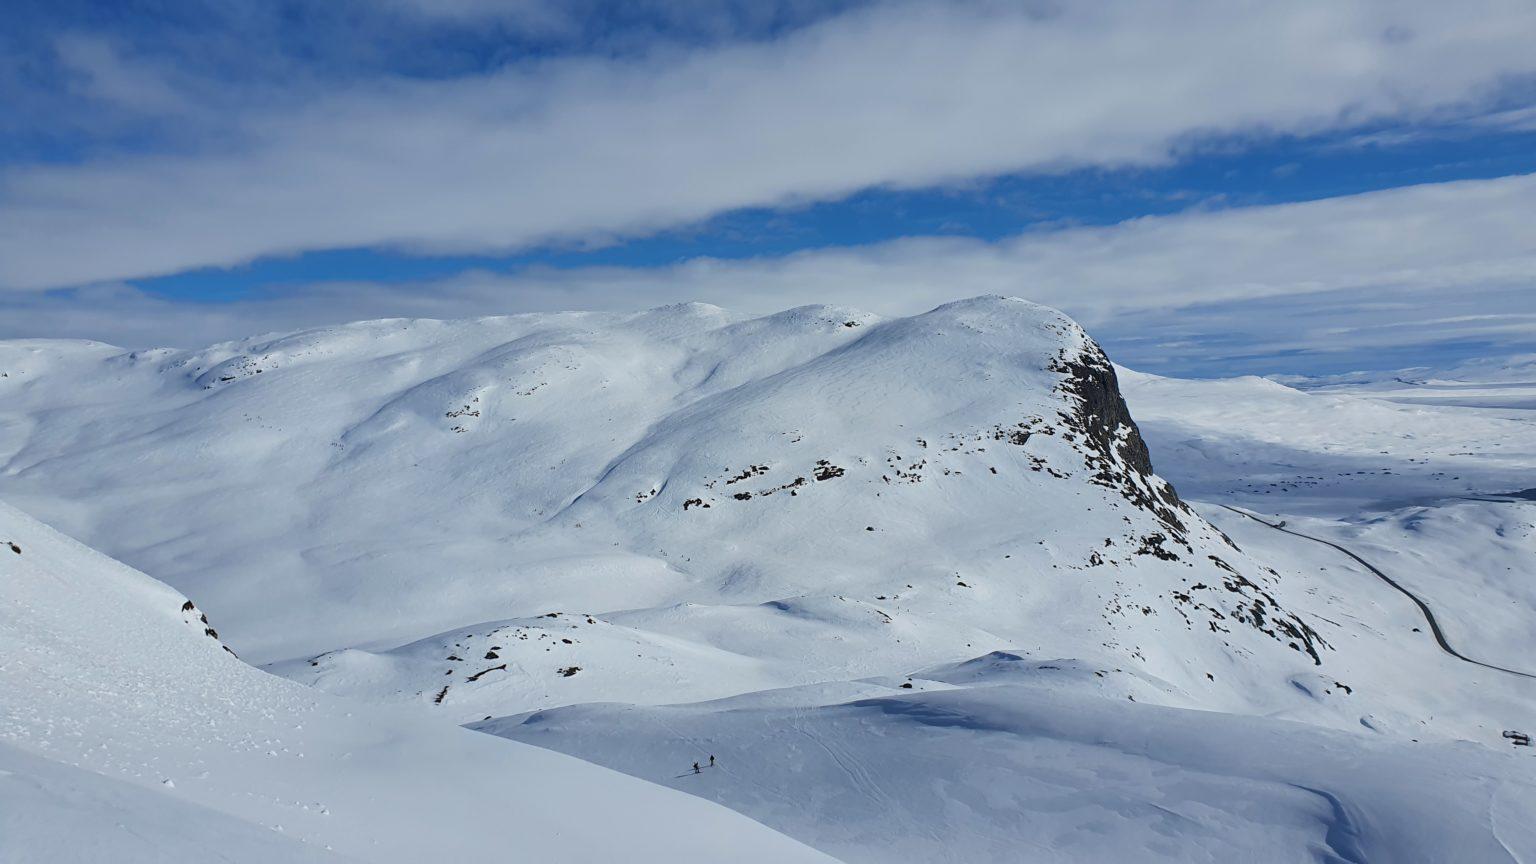 Bilde av Synshorn tatt fra Mefjellet